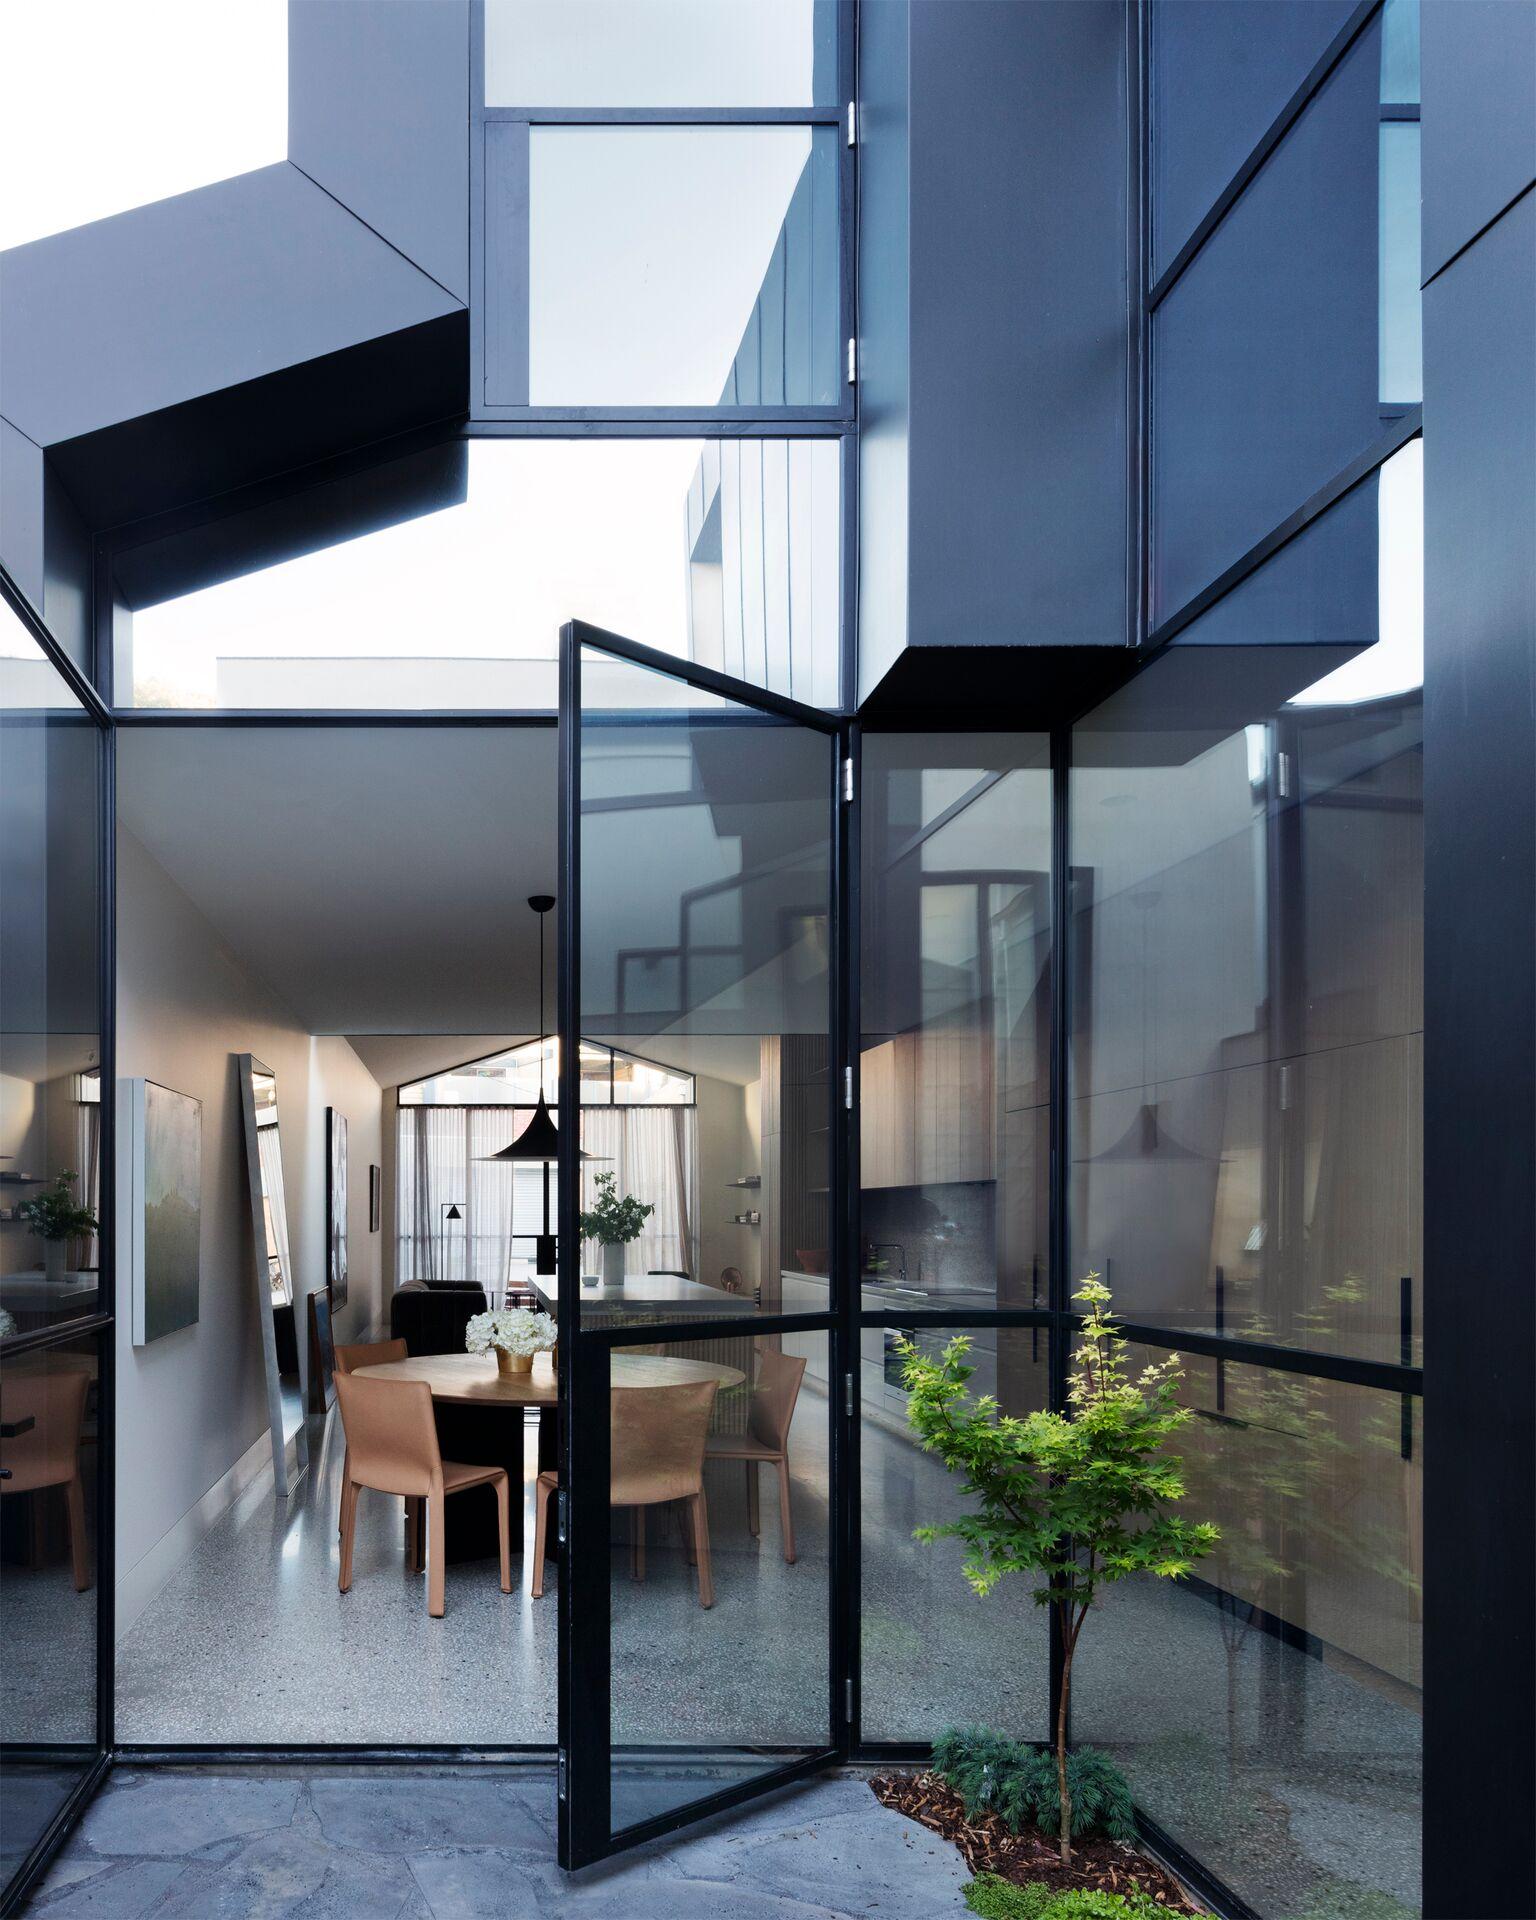 Melbourne Glas Haus Architekt - rockydurham.com -